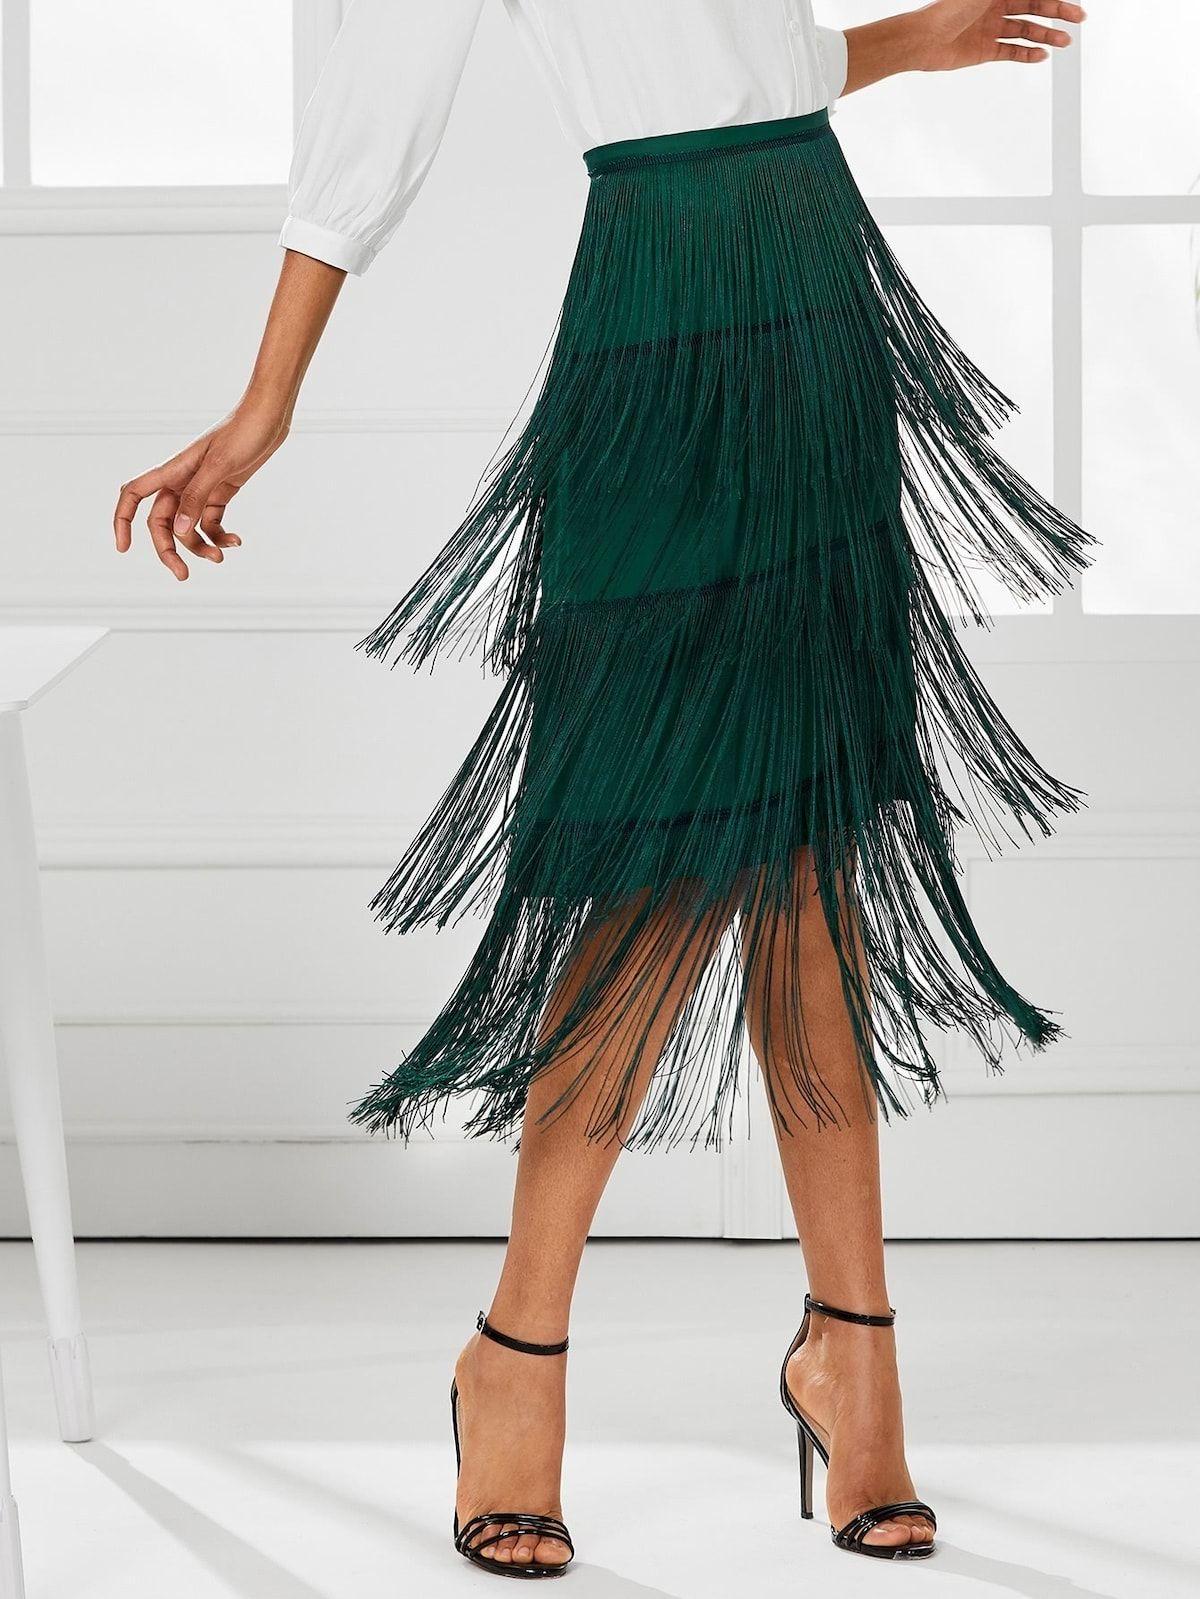 c9b593a2 Skirt Outfit | Bottoms | Green Smarald | Summer Skirts, Tassel Skirt,  Feather Skirt